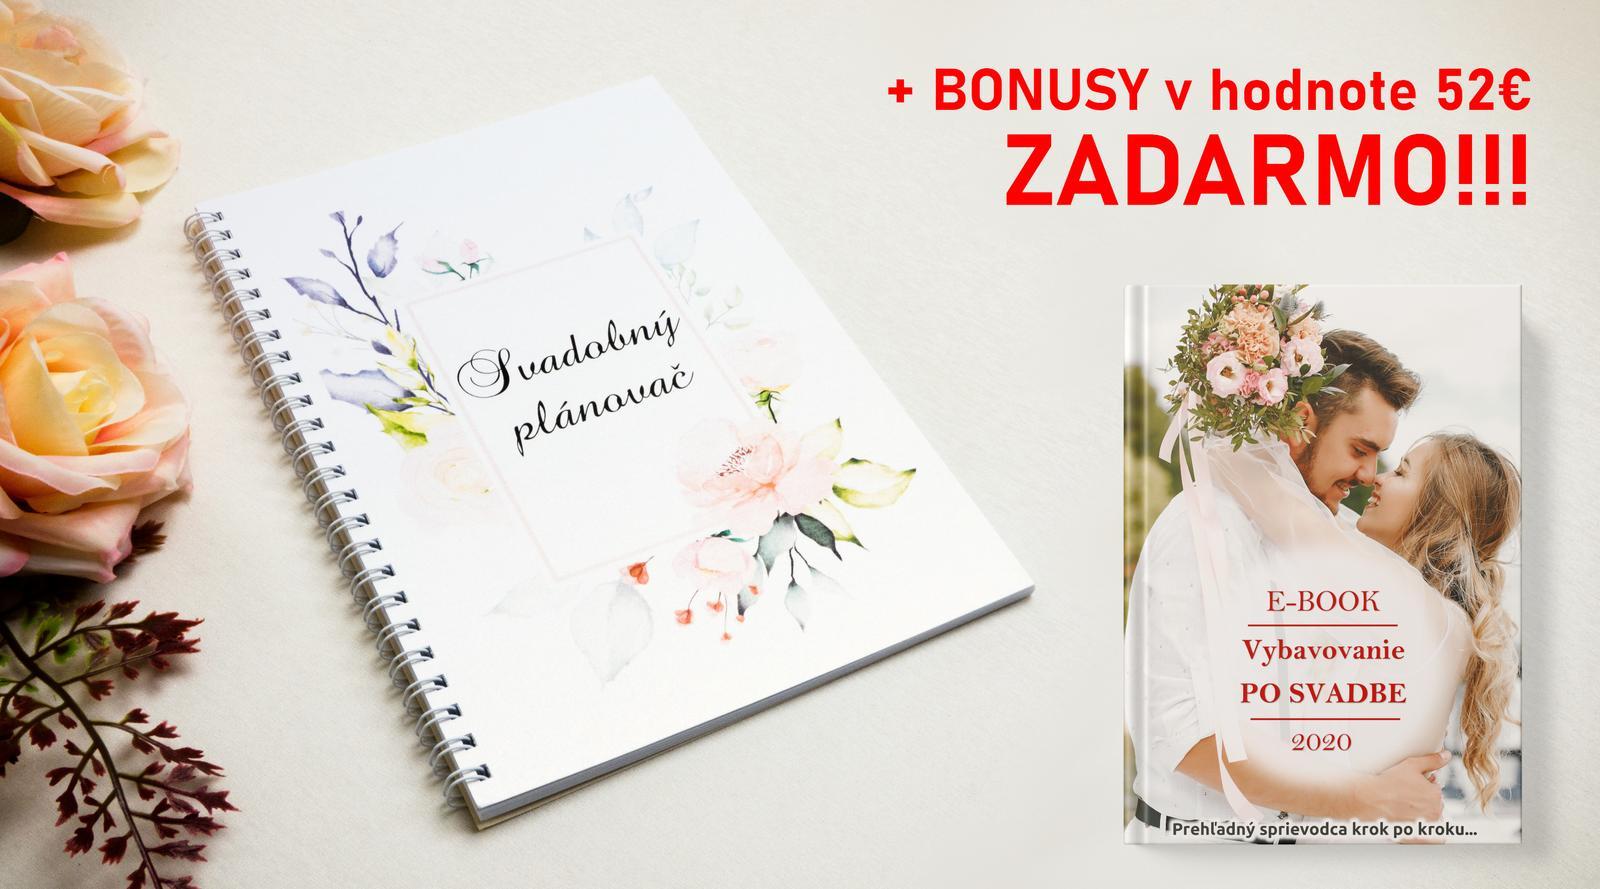 Svadobný Plánovač - Viac informácií na - https://www.fiores.sk/svadobny-planovac/